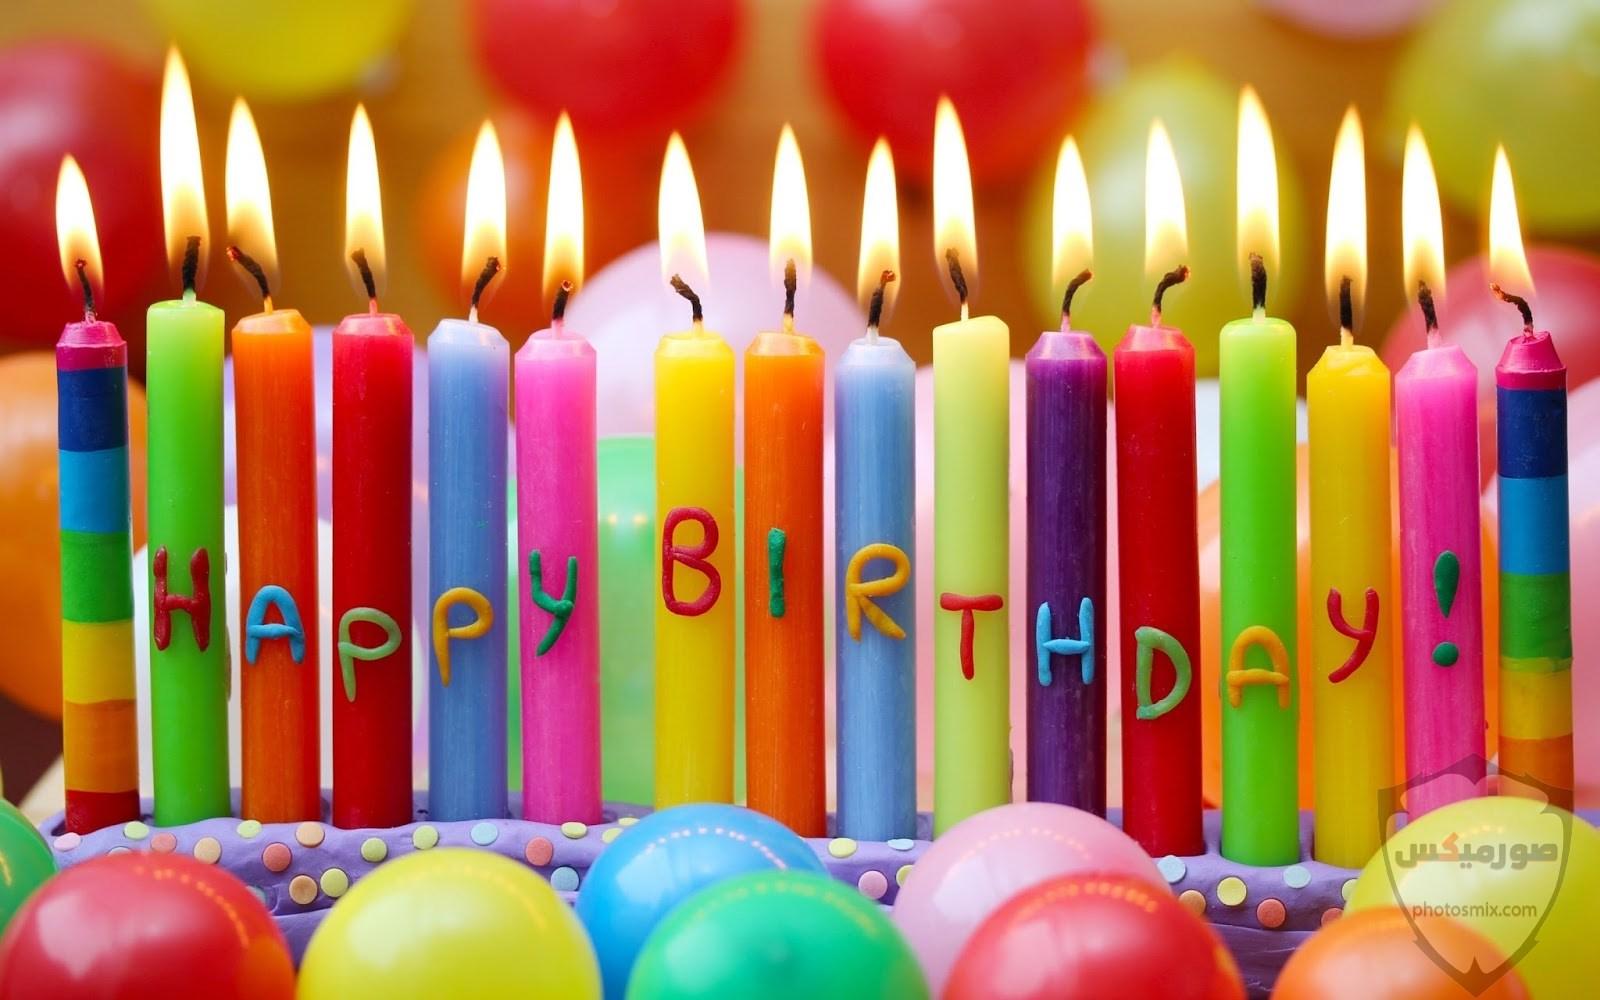 صور عيد ميلاد سعيد 2020 صور تورتة تهنئة لأعياد الميلاد 2021 صور happy birth day 1